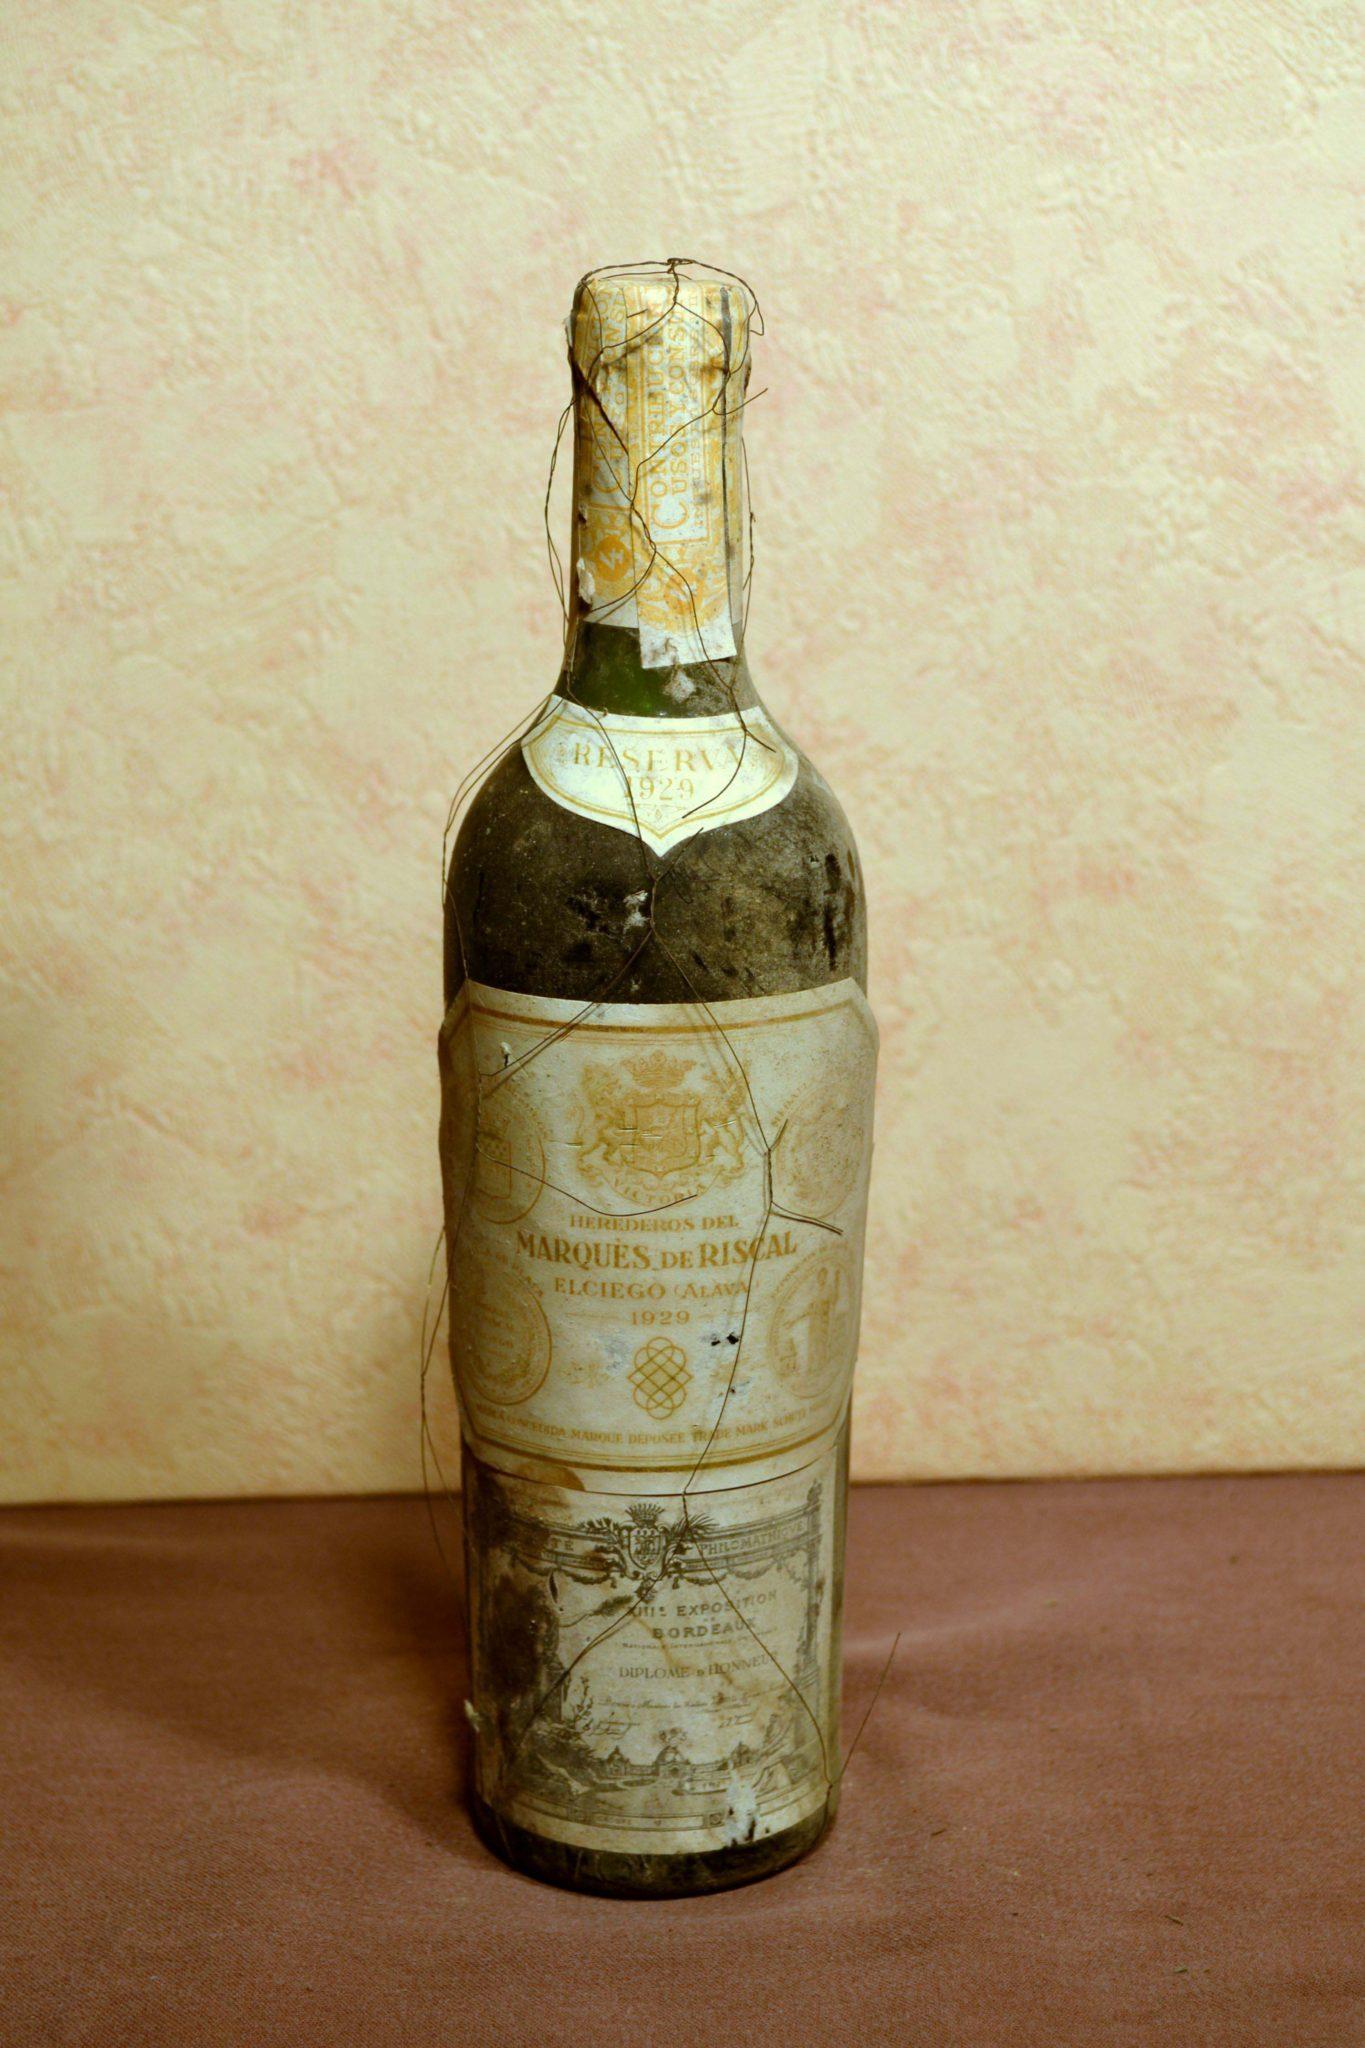 Marques de Riscal reserva 1929